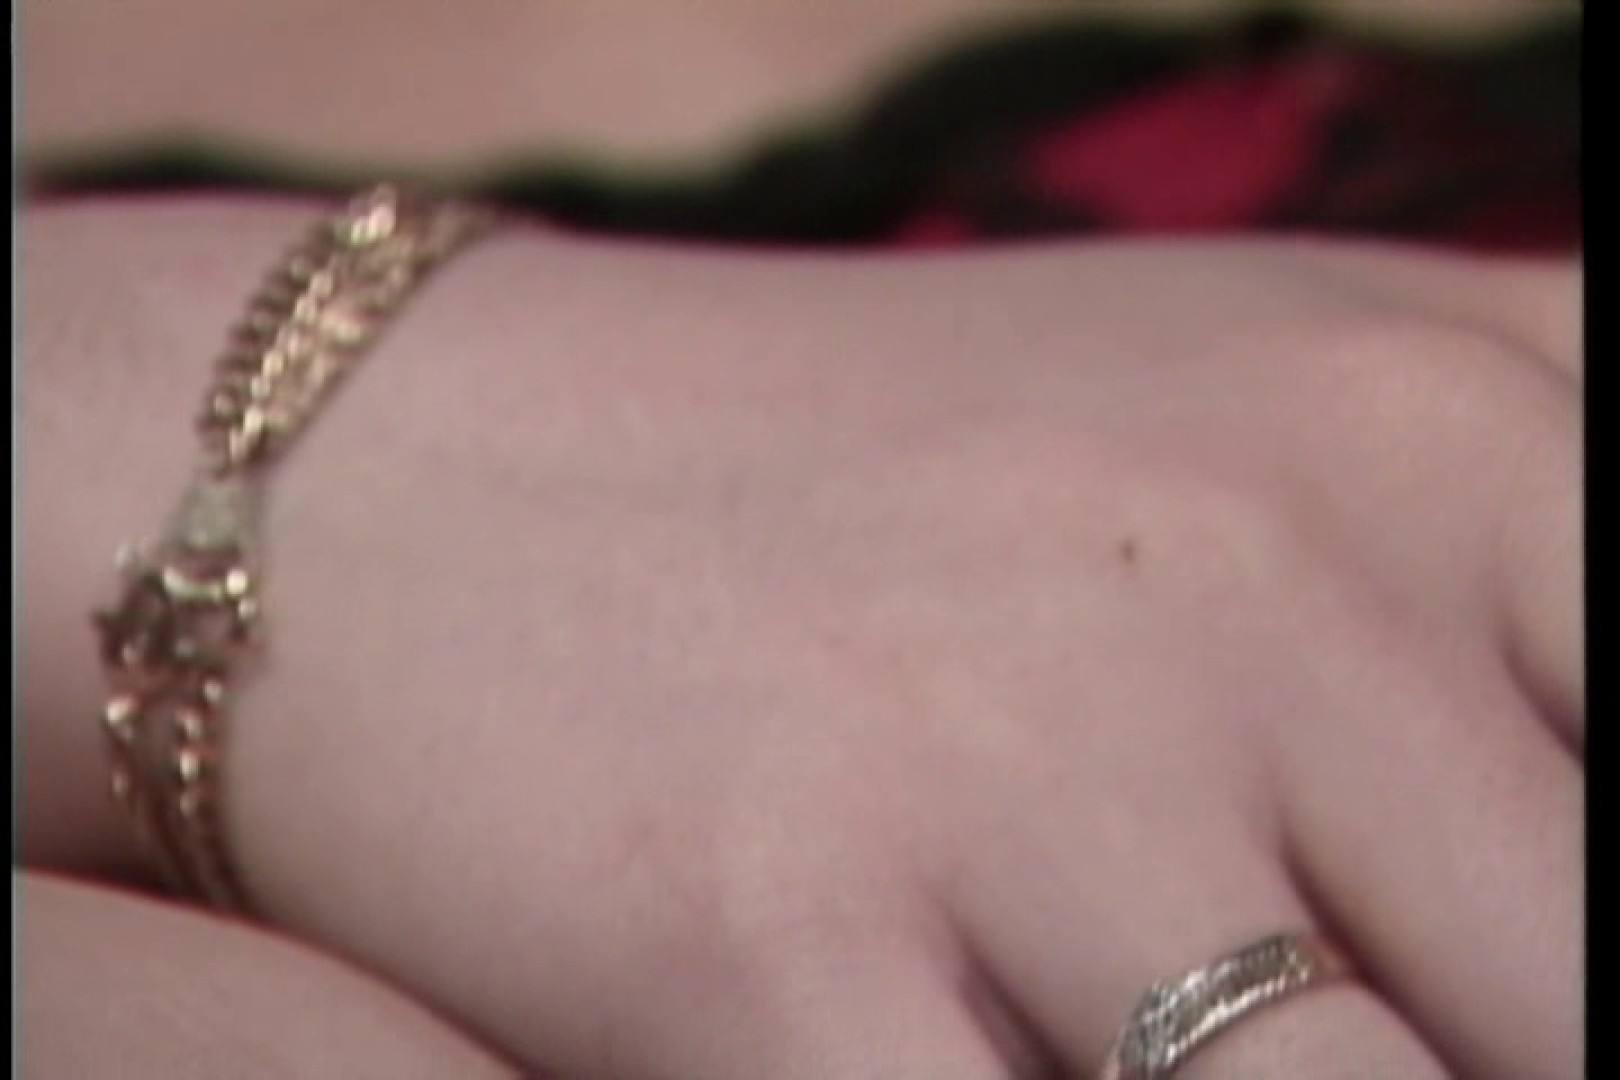 変態亜美のアブノーマルな世界・前編~夢野亜美~ オナニー特集   巨乳デカ乳  112画像 65